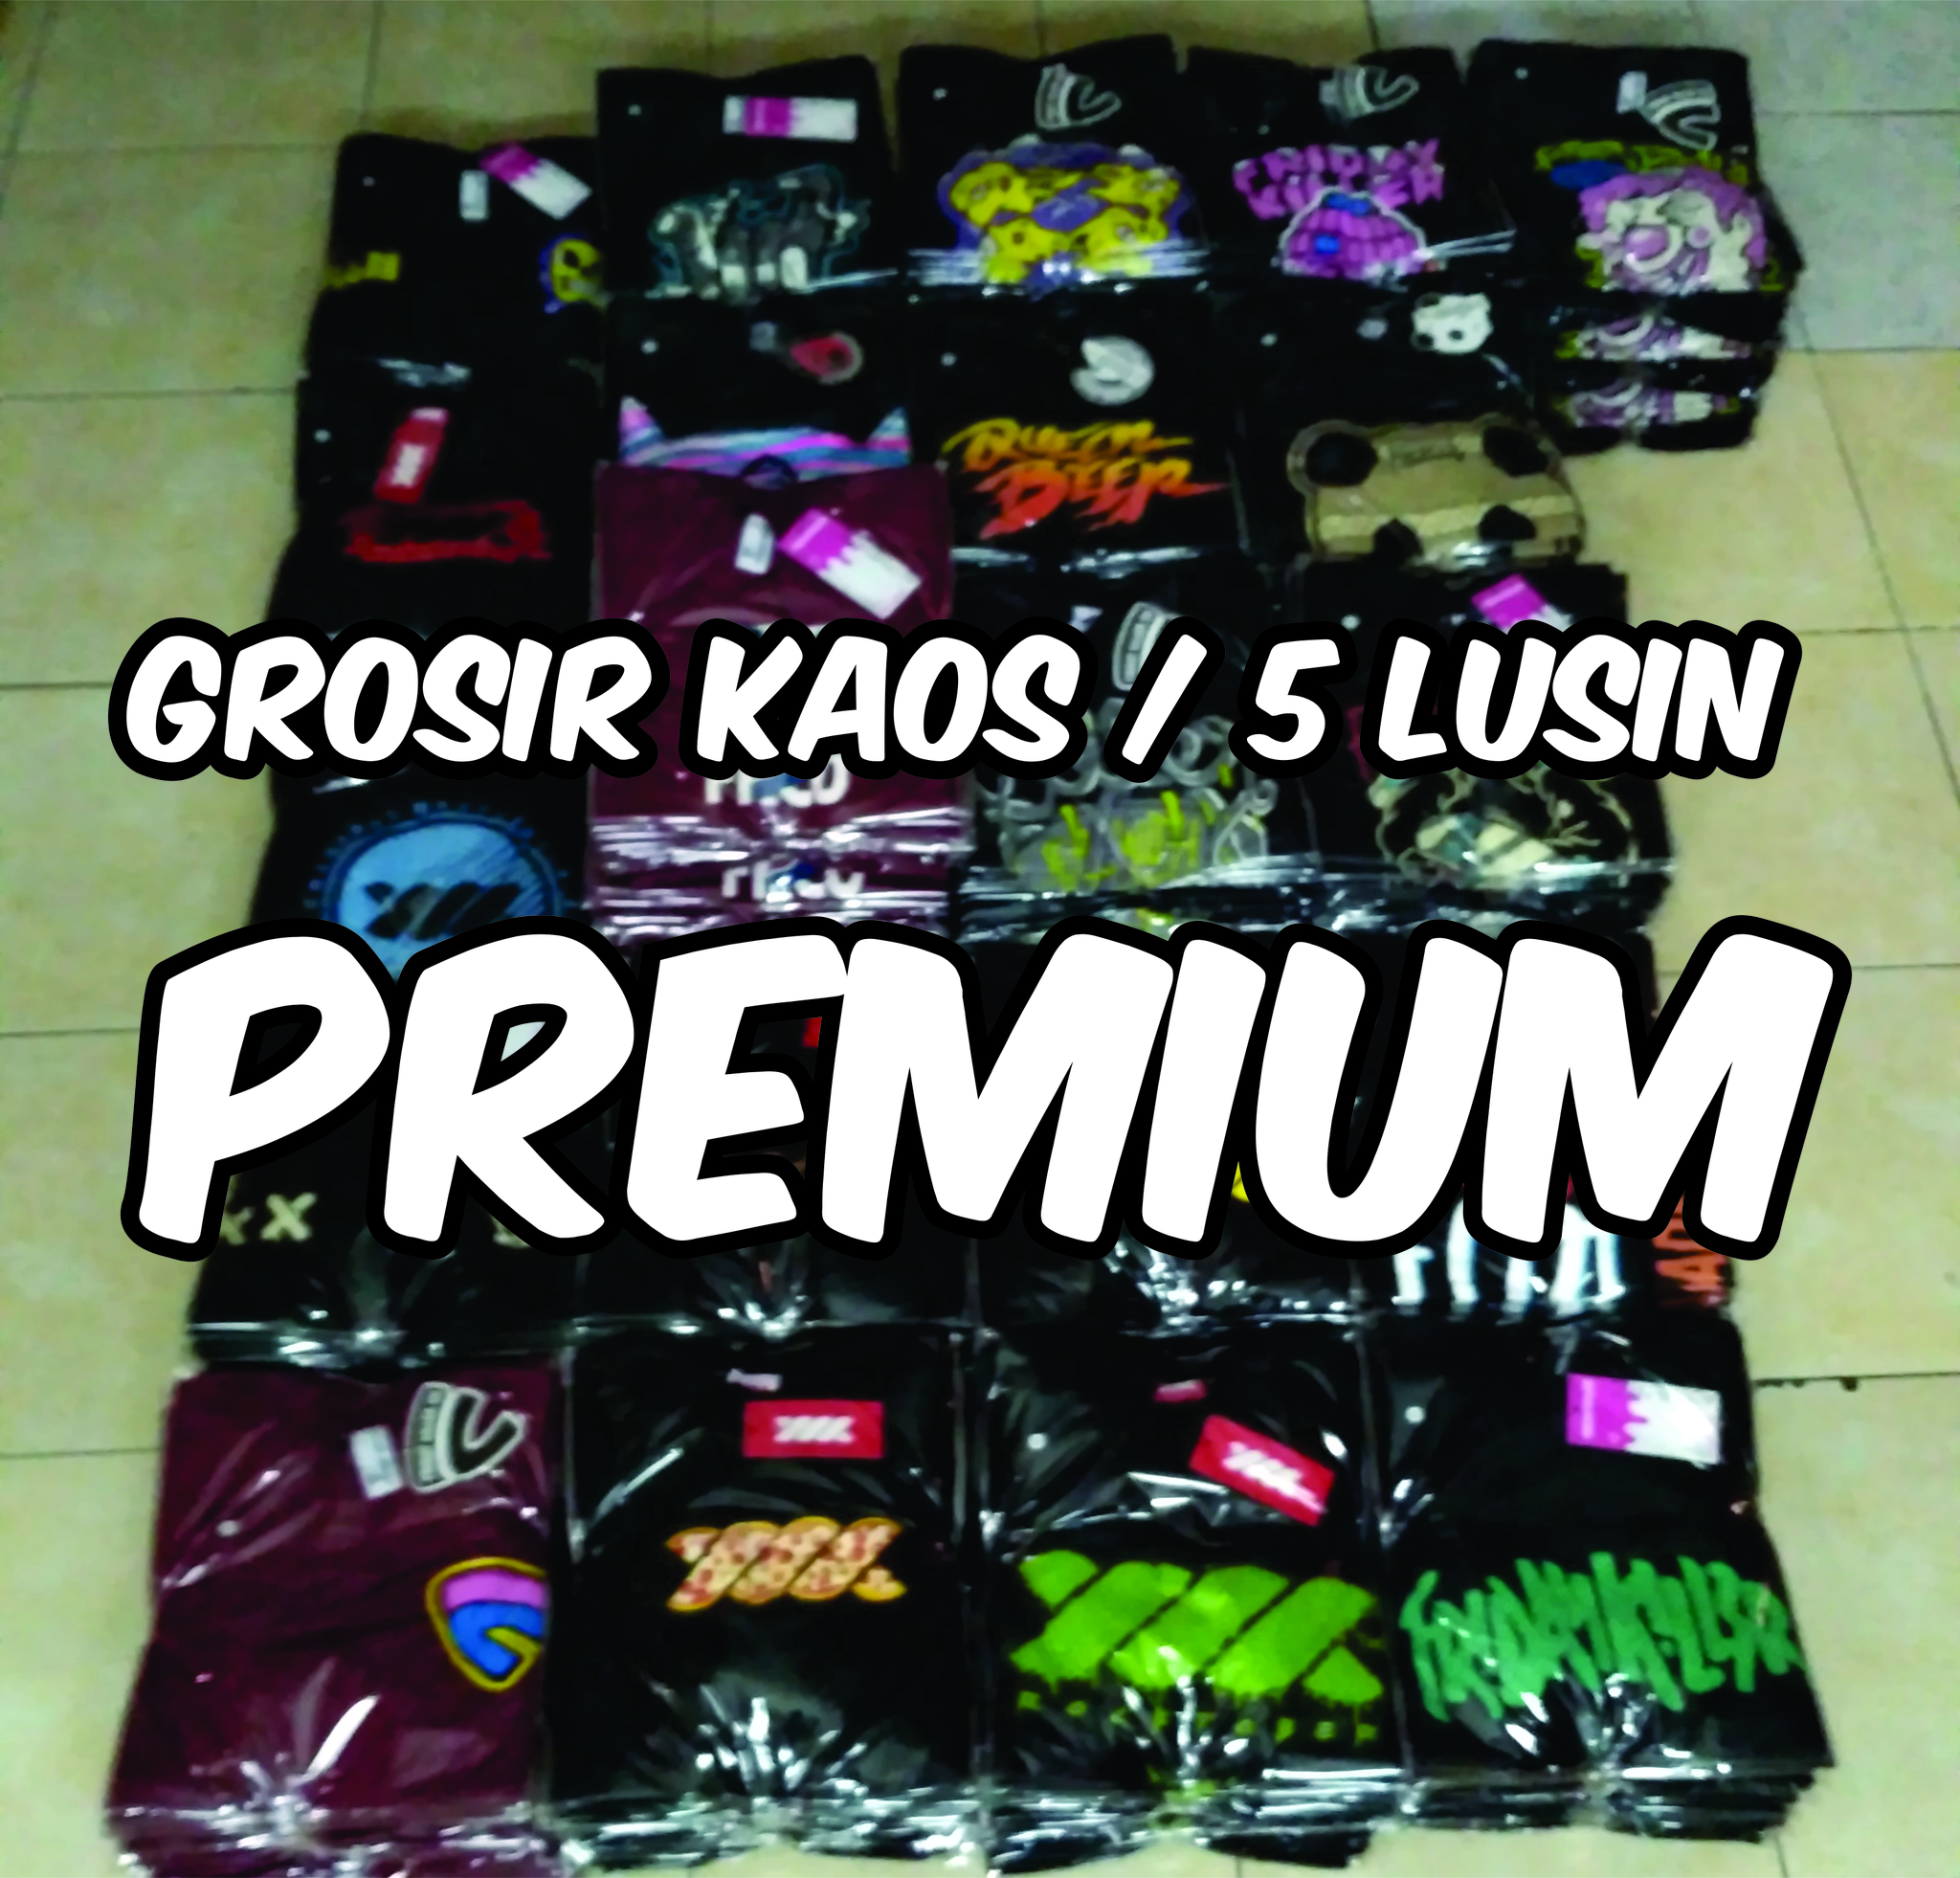 Jual Grosir Kaos Distro Premium Original Murah  Min 4 Pcs 5 Lusin Sadamu Tokopedia